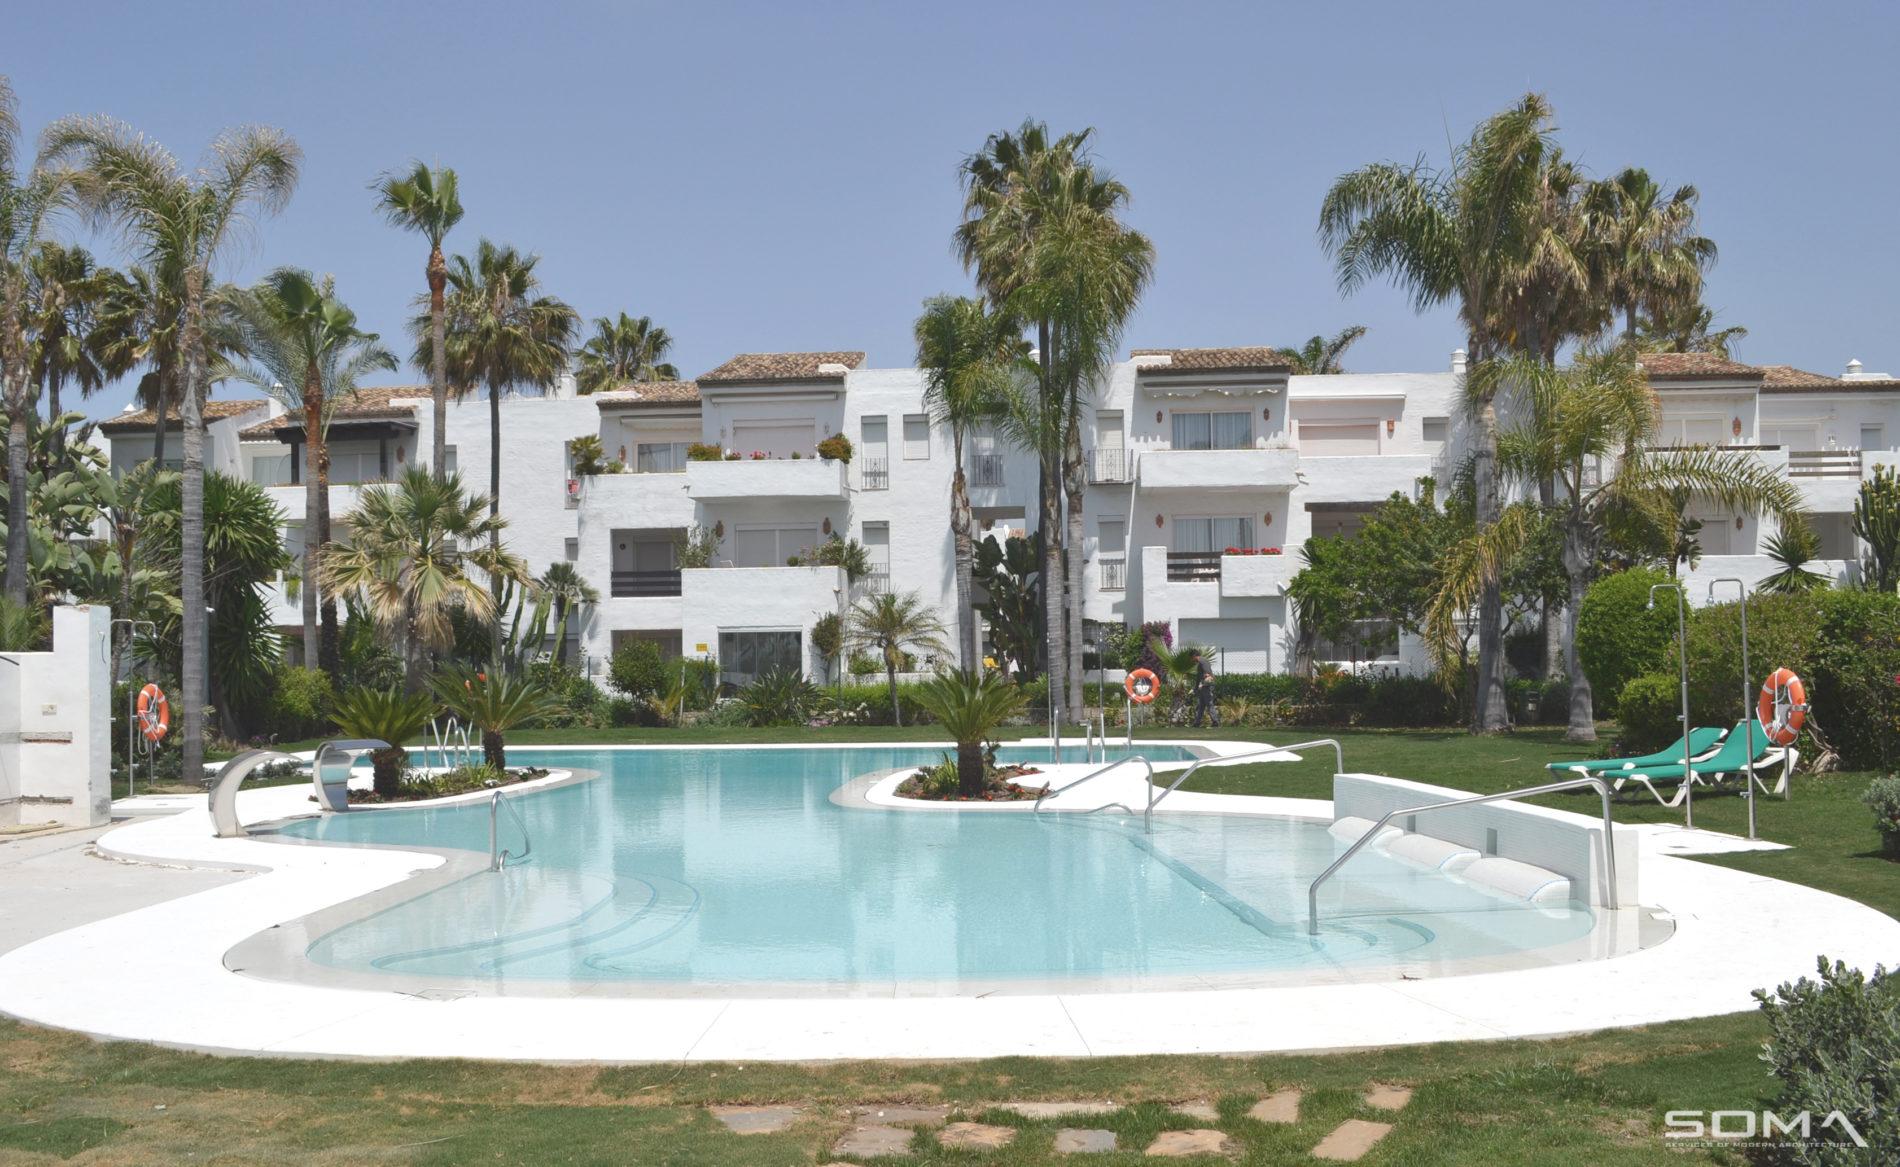 Modernización y reforma de piscina, jardines y viviendas, urbanización Costalita, Estepona